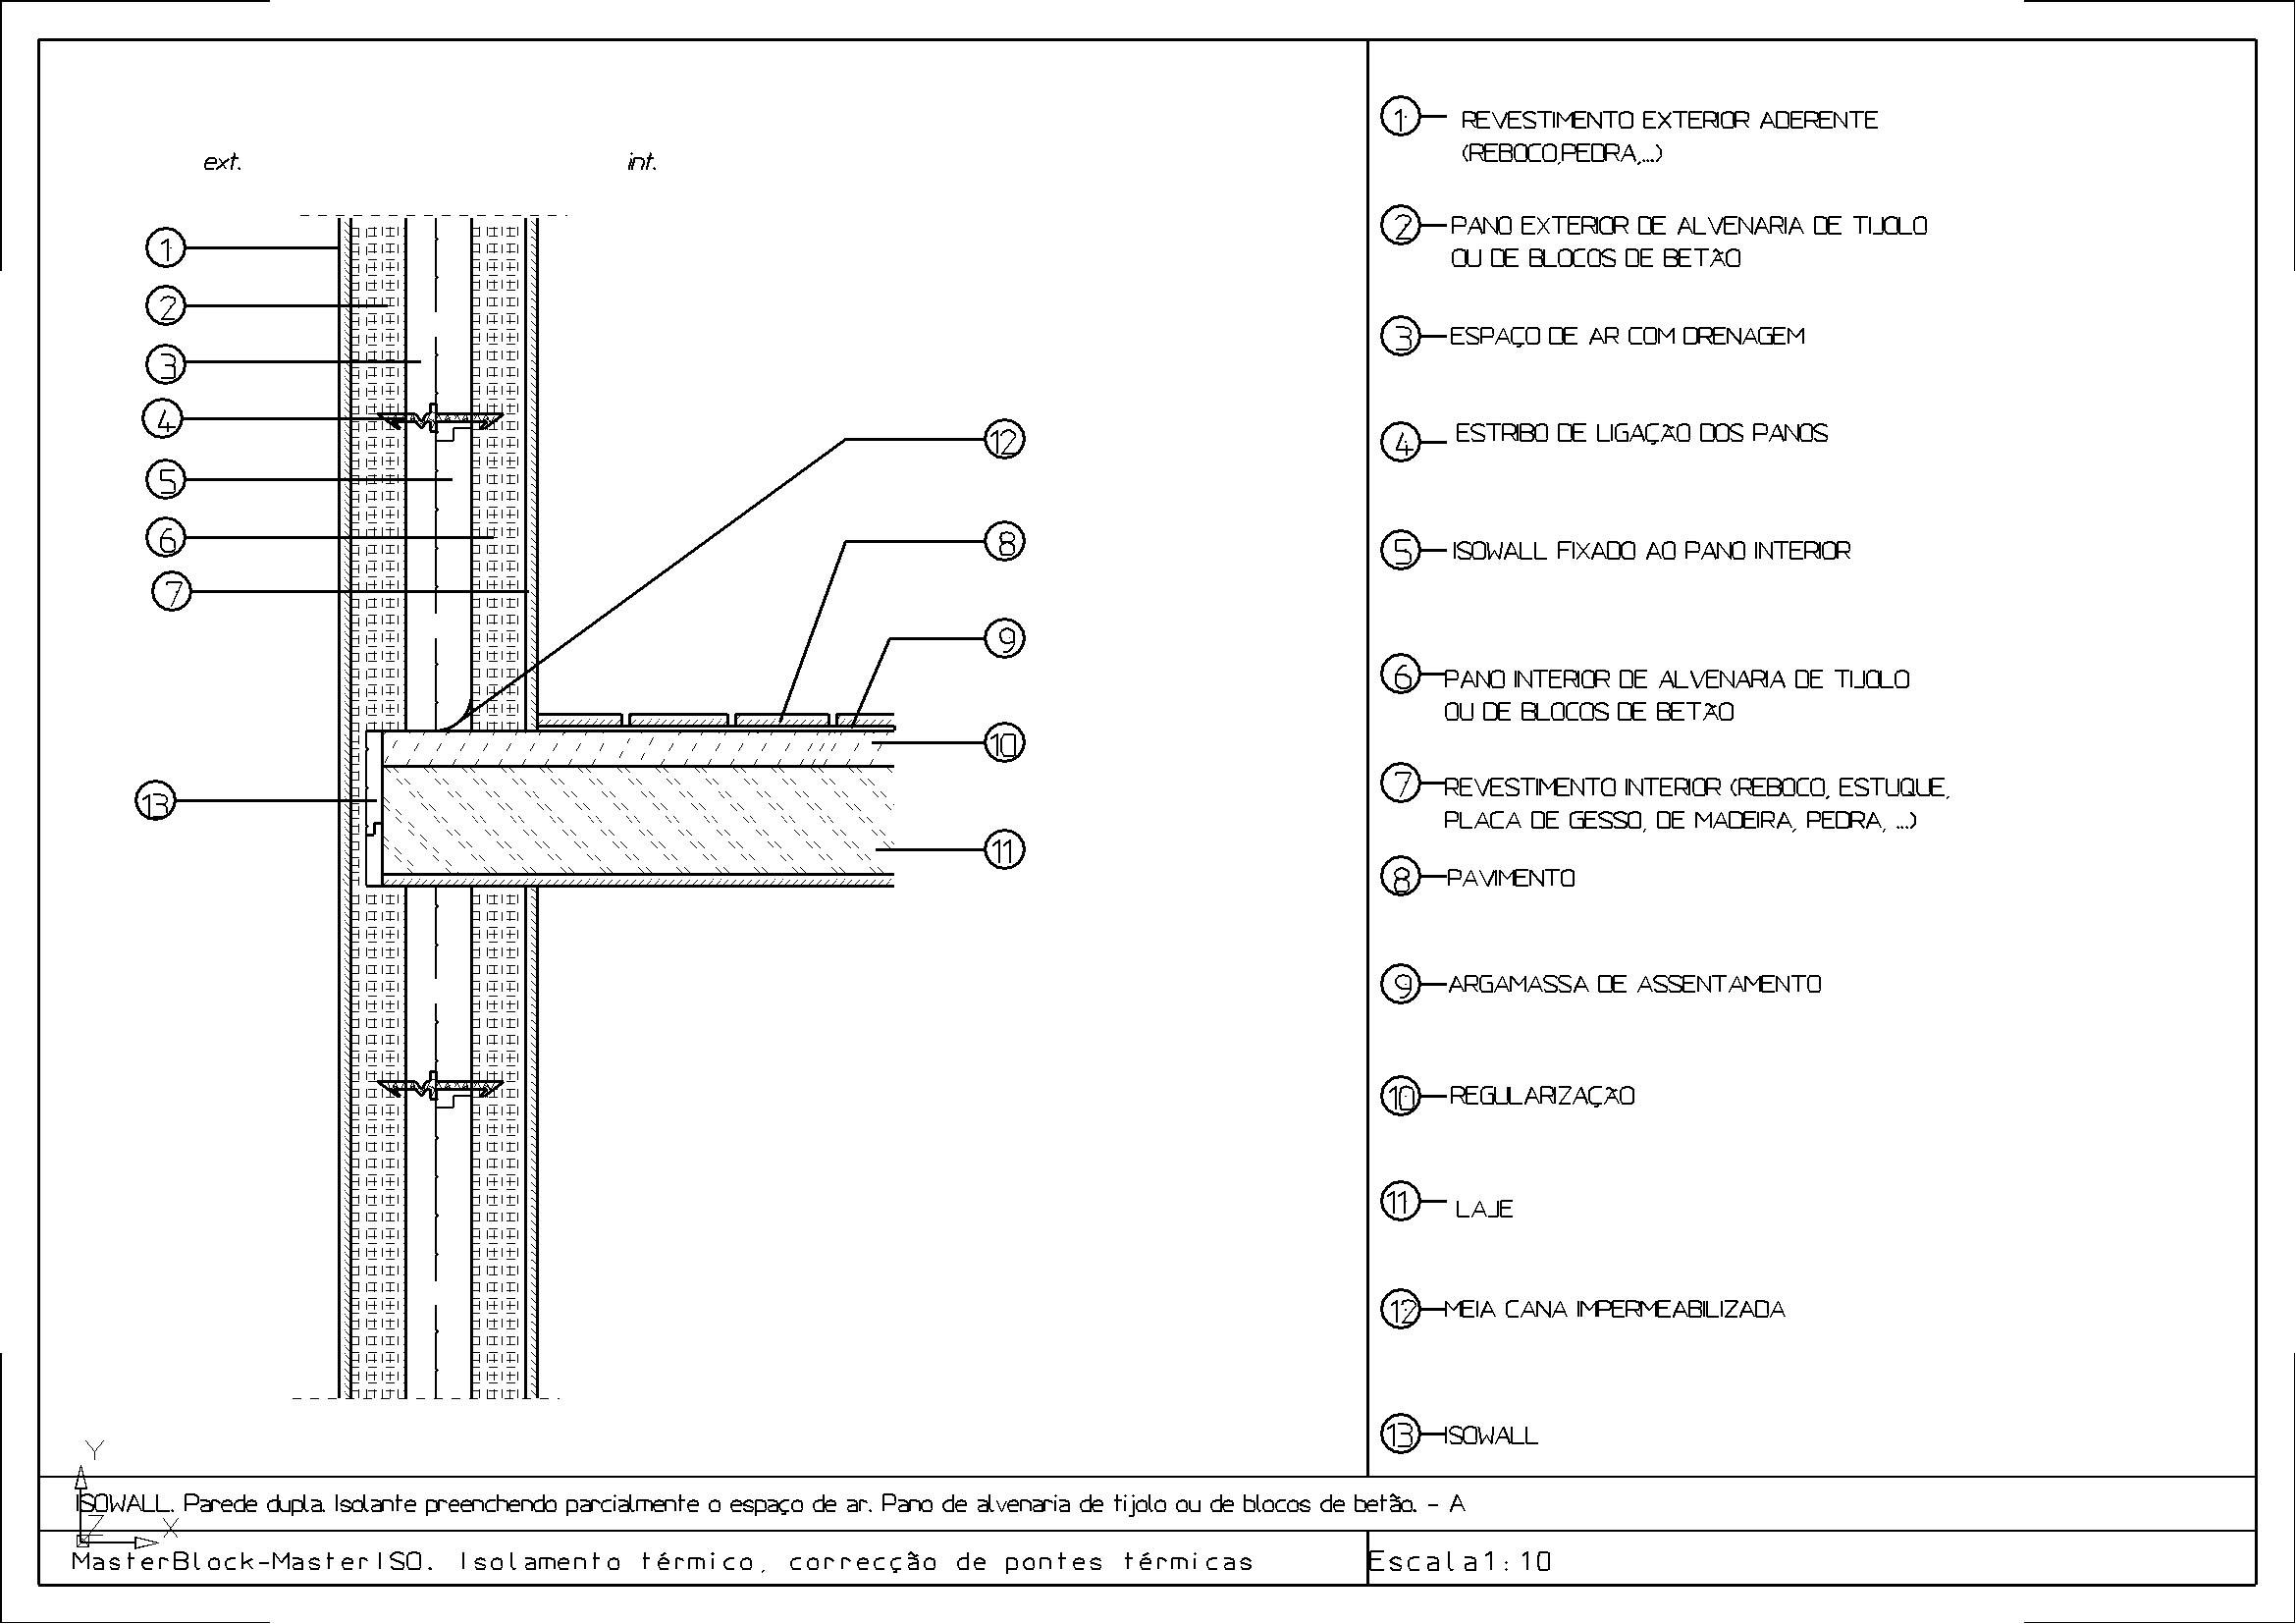 Imagens de #454545 Detalhes CAD de MASTER ISO MASTERBLOCK 2339x1654 px 3472 Bloco Autocad Banheiro Corte